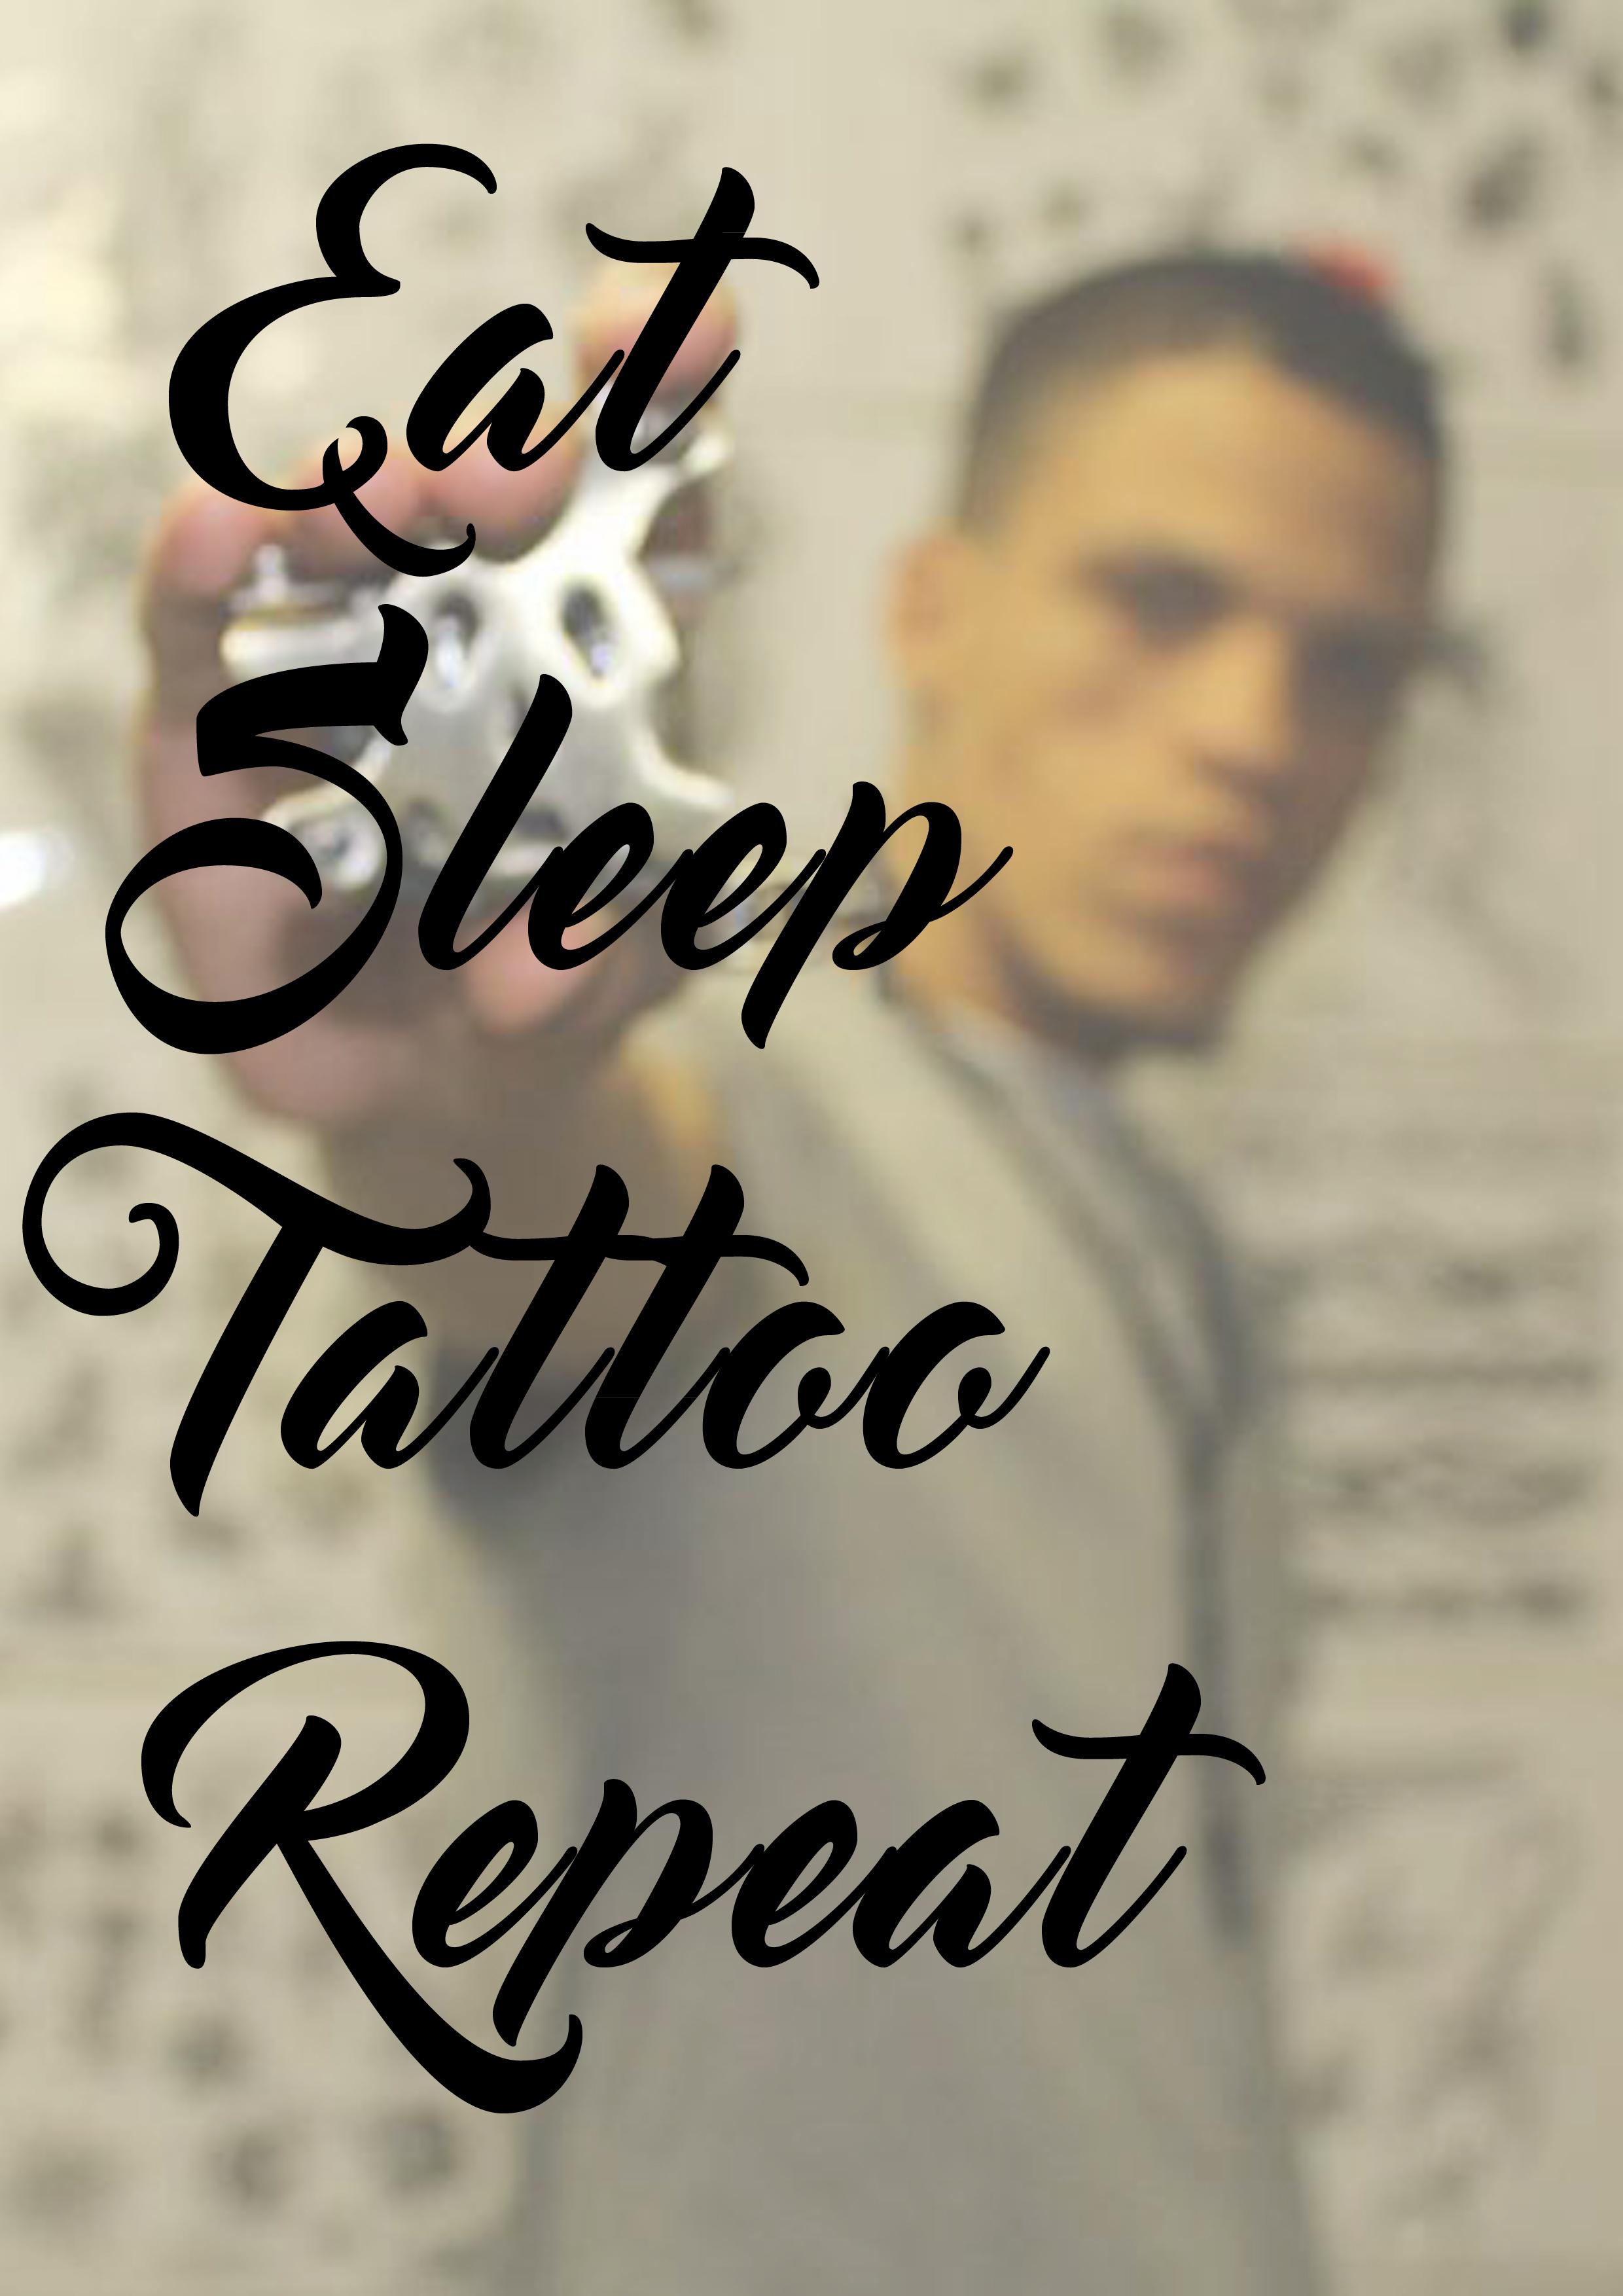 eat sleep race tattoo - photo #34